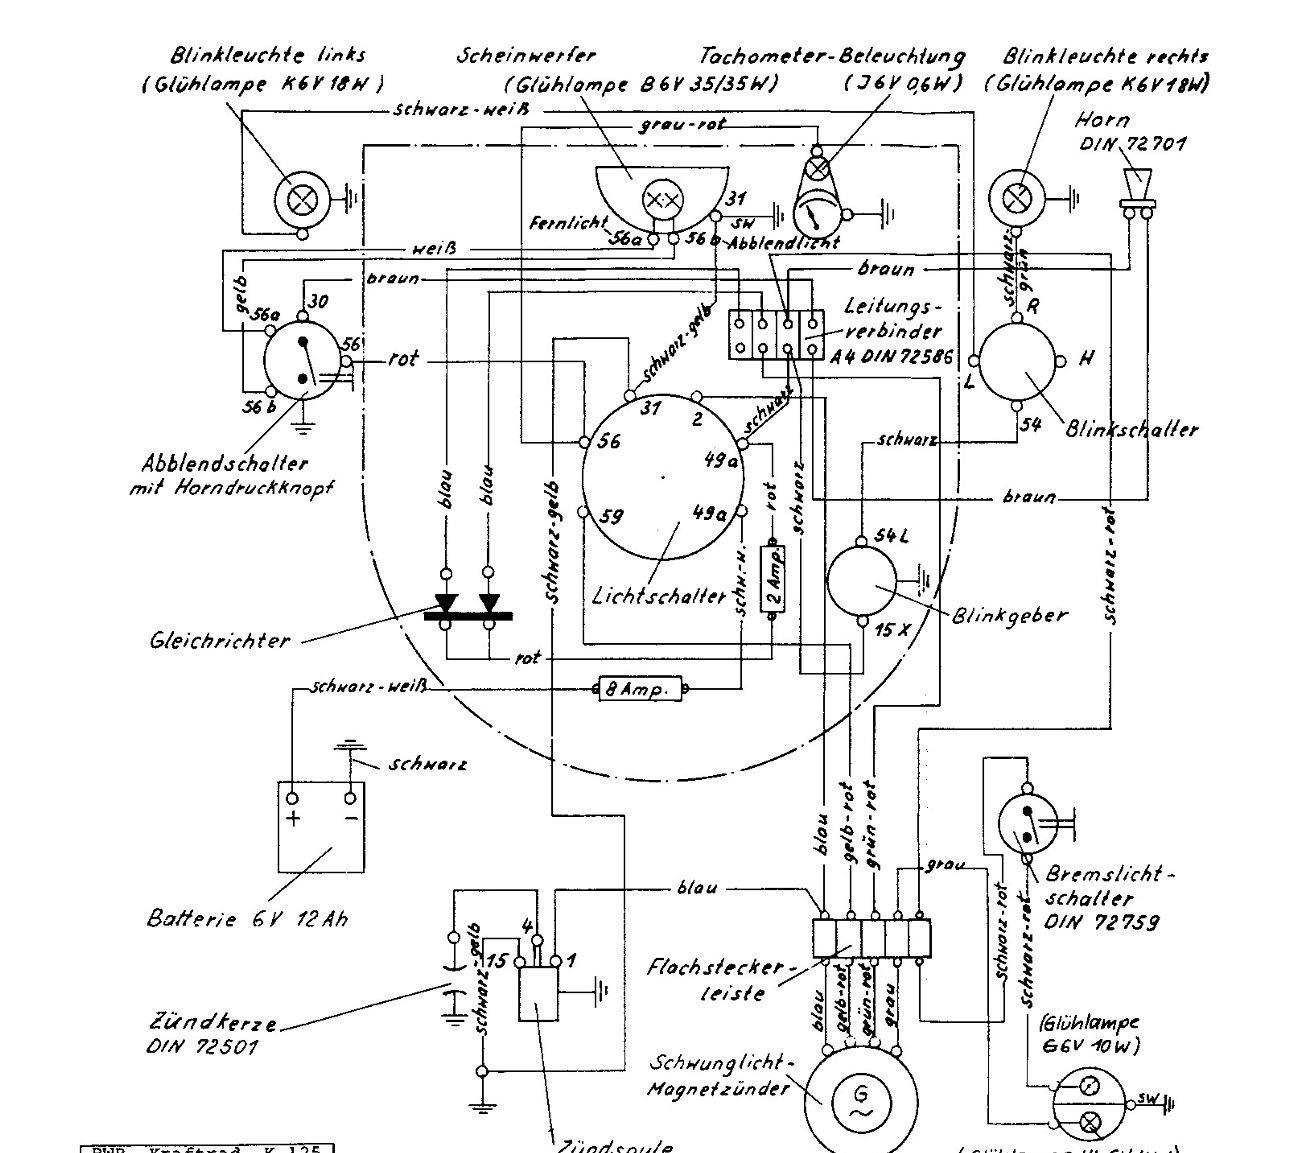 http://kobbenette.be/onewebstatic/57bdf5f31e-hercules-elektrische%20schemas-elektrisch%20schema%20k125bwV1.jpg